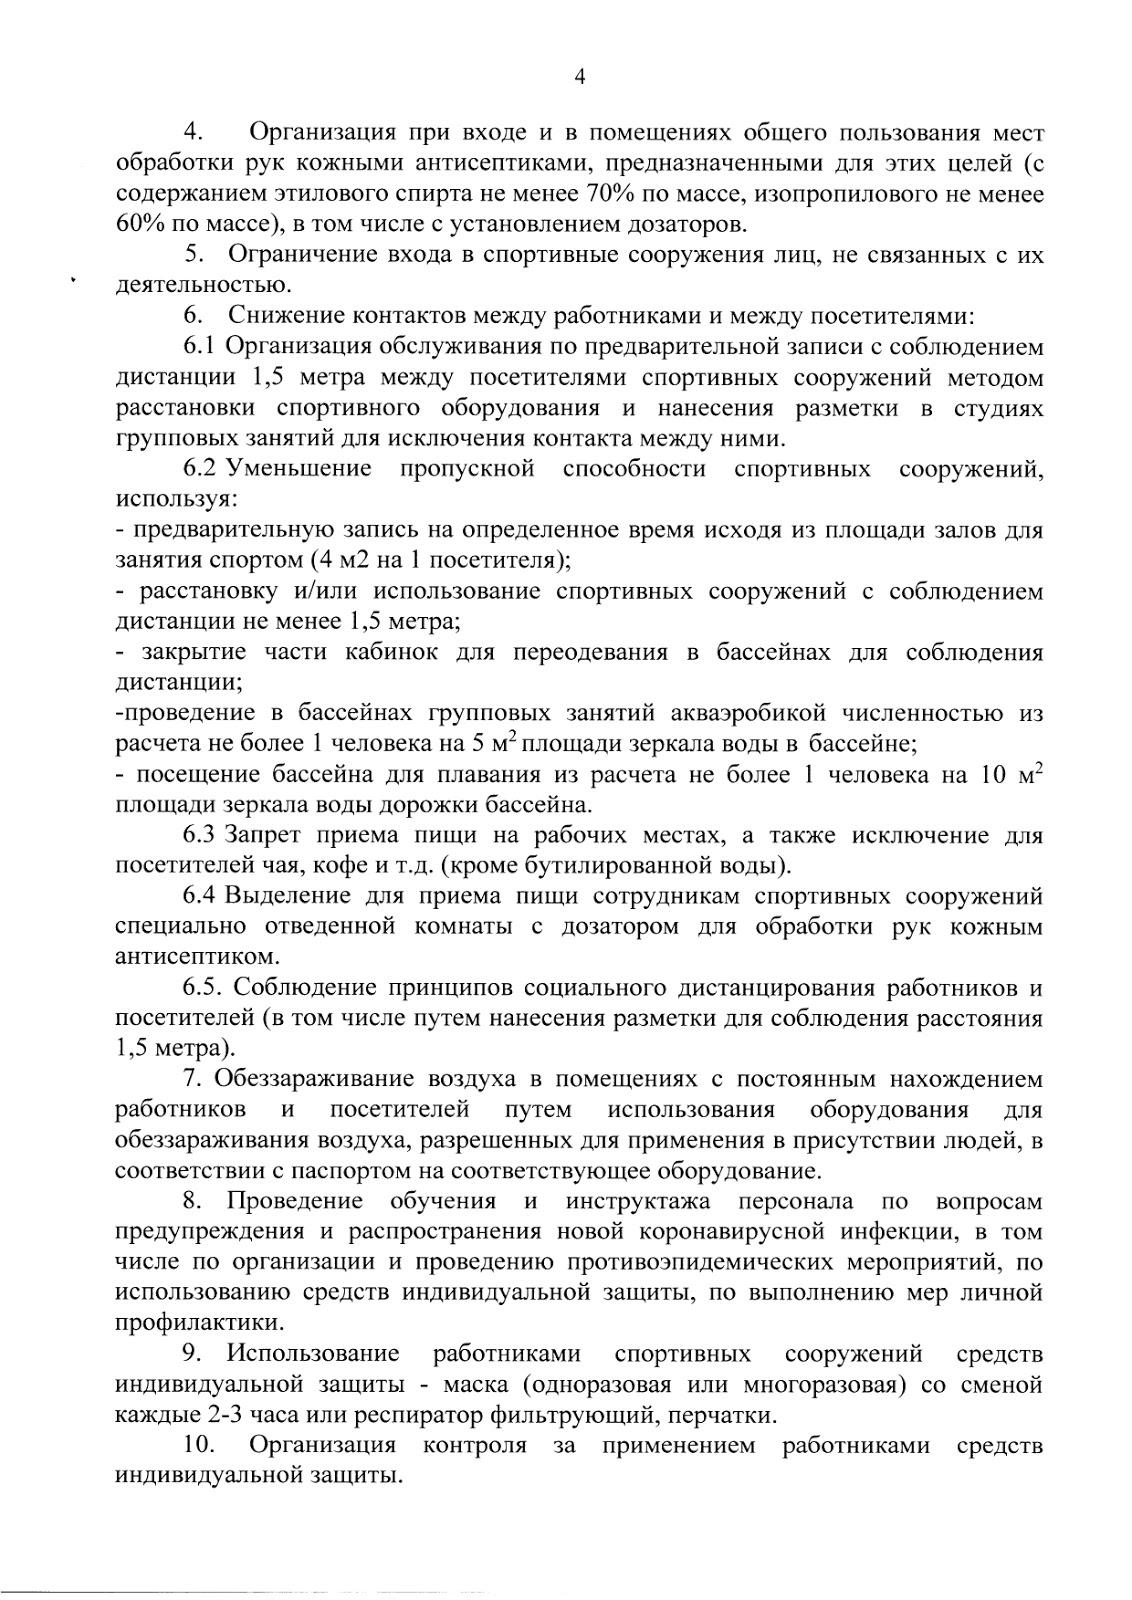 Рекомендации Роспотребнадзора для Фитнес-клубов 2